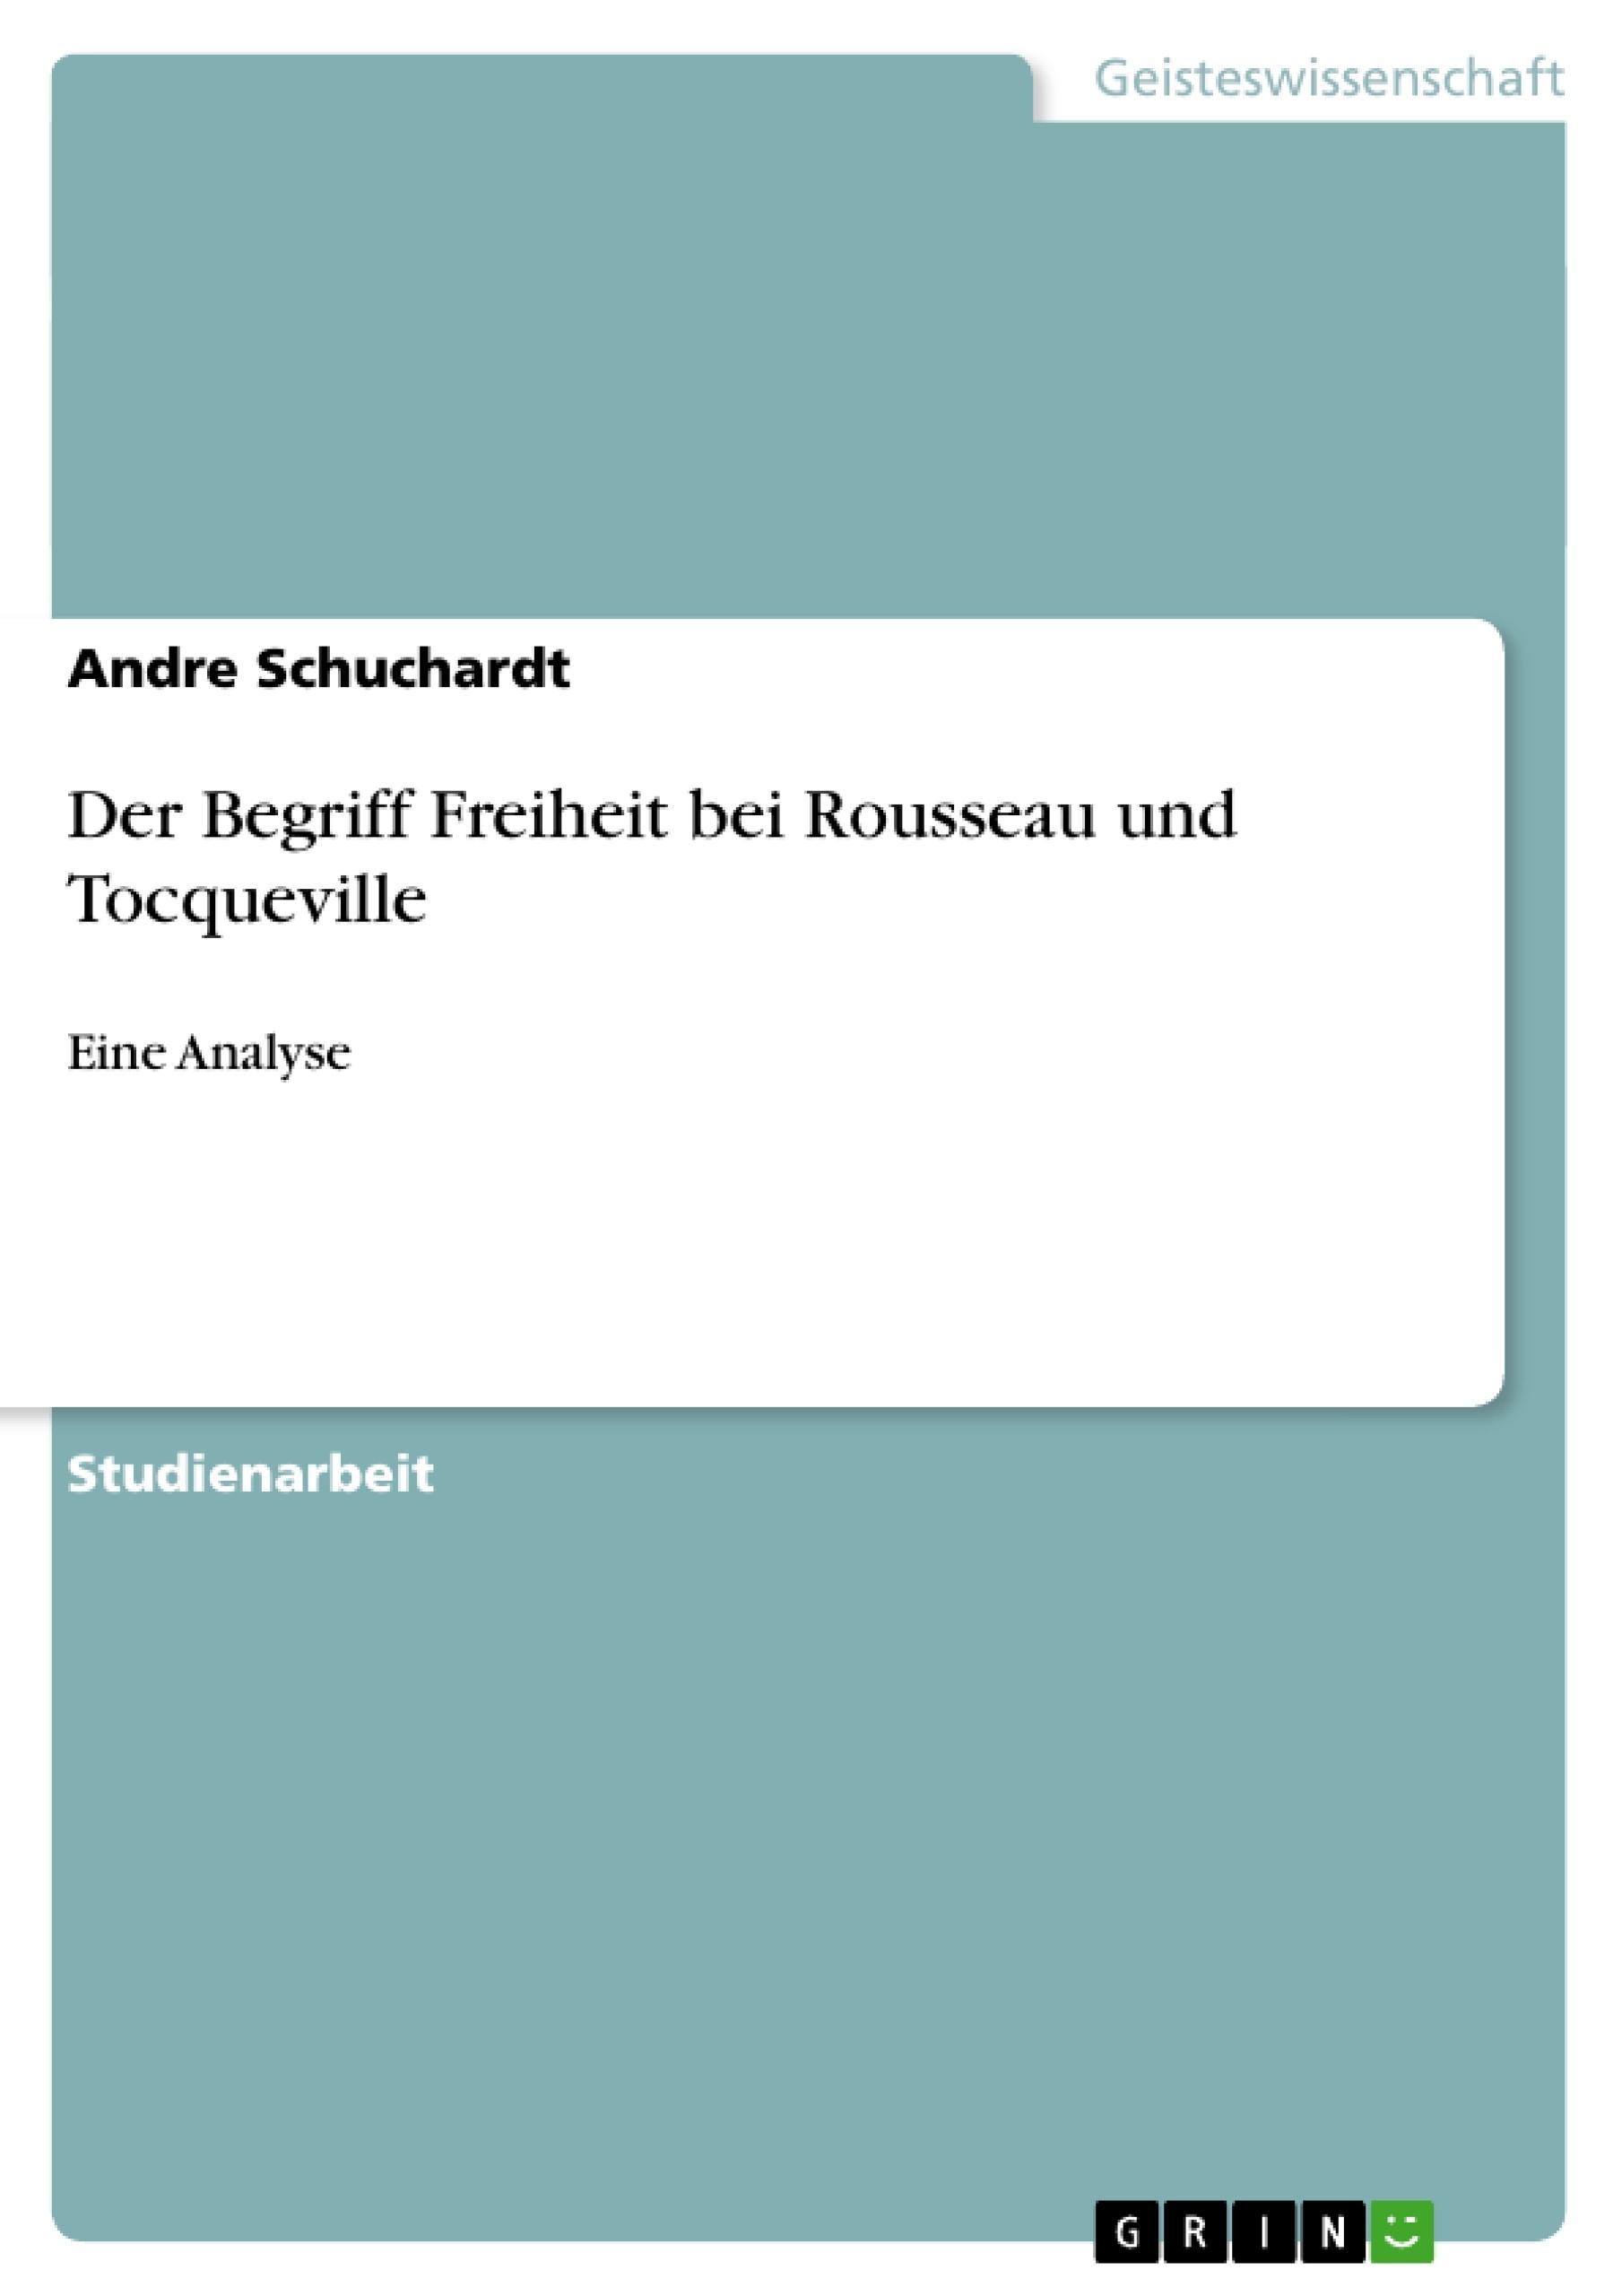 Titel: Der Begriff Freiheit bei Rousseau und Tocqueville